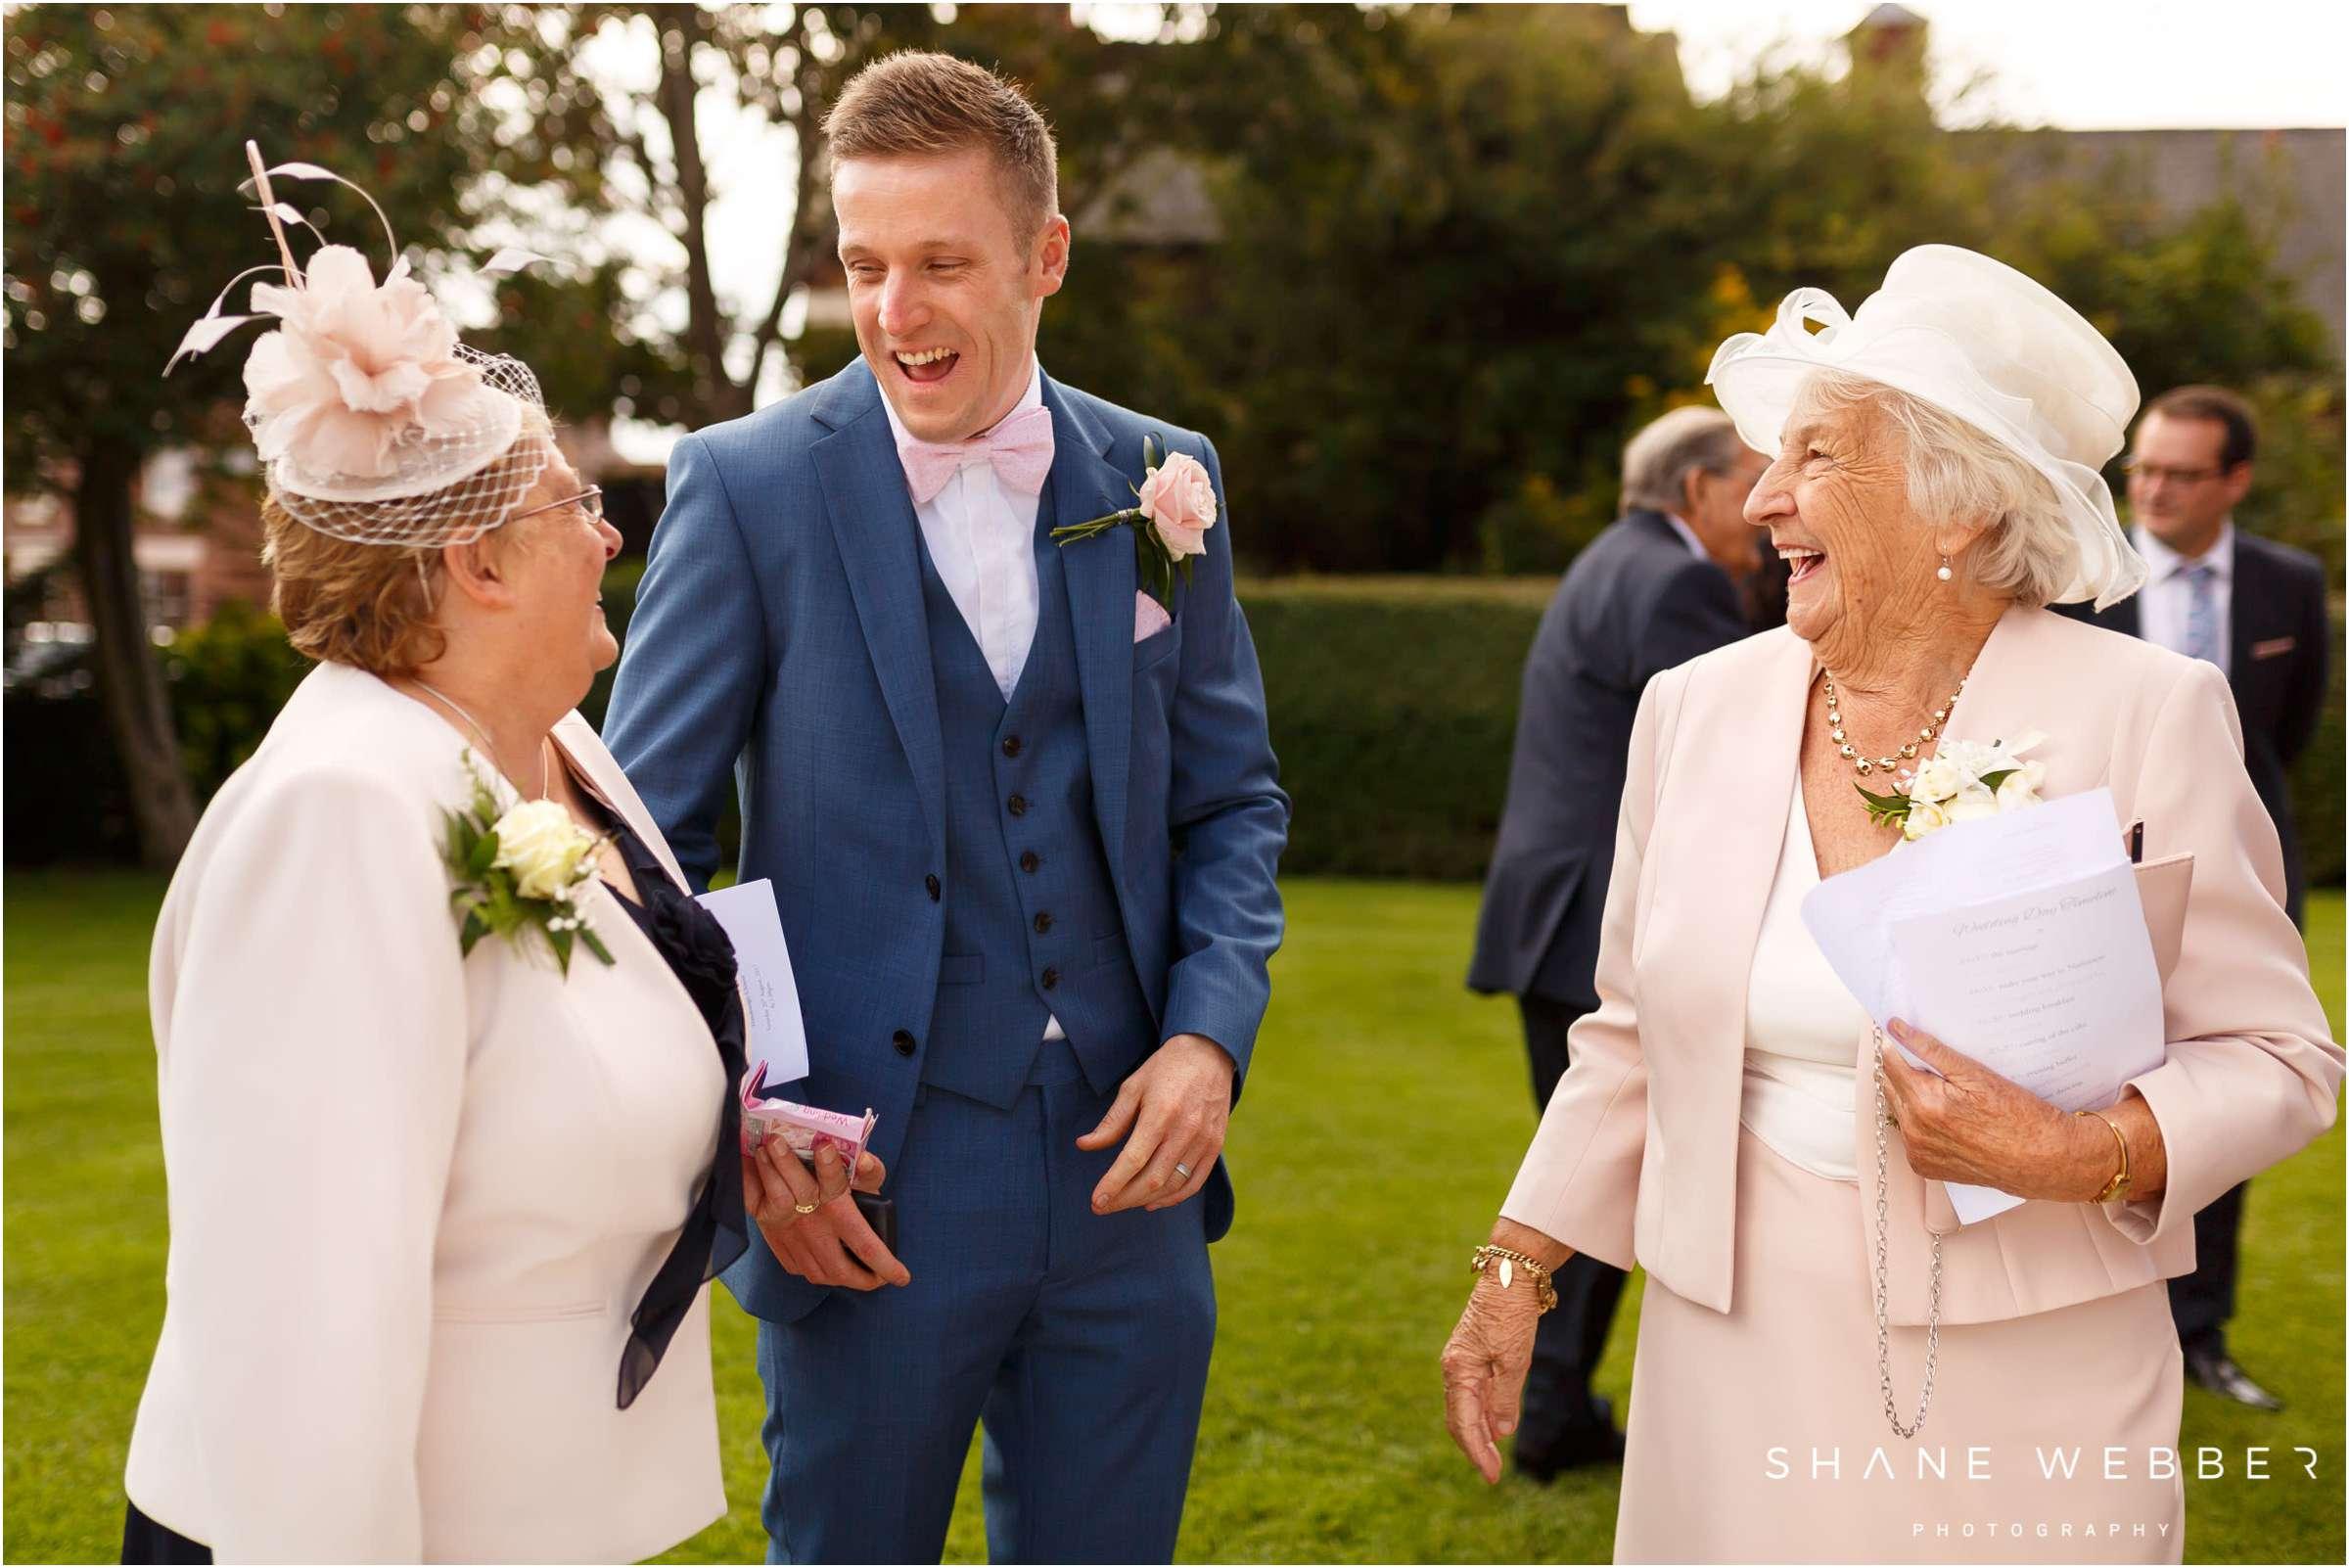 groom at wedding